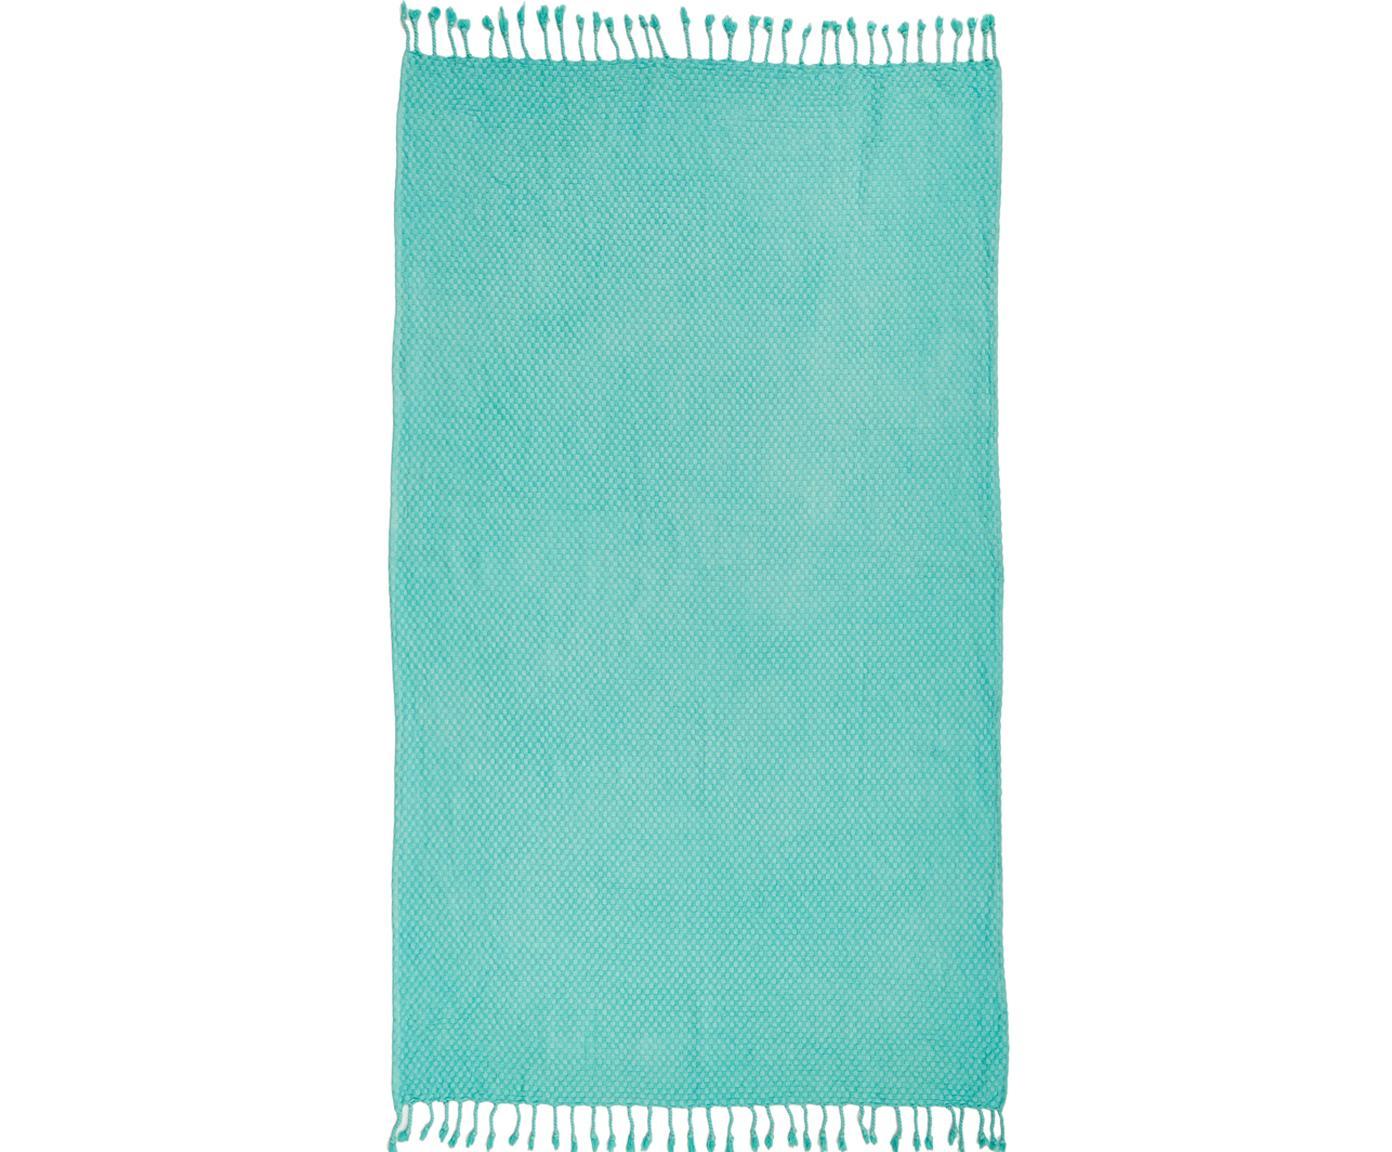 Strandtuch Ola, 100% Baumwolle, leichte Qualität 320g/m², Türkis, 100 x 180 cm